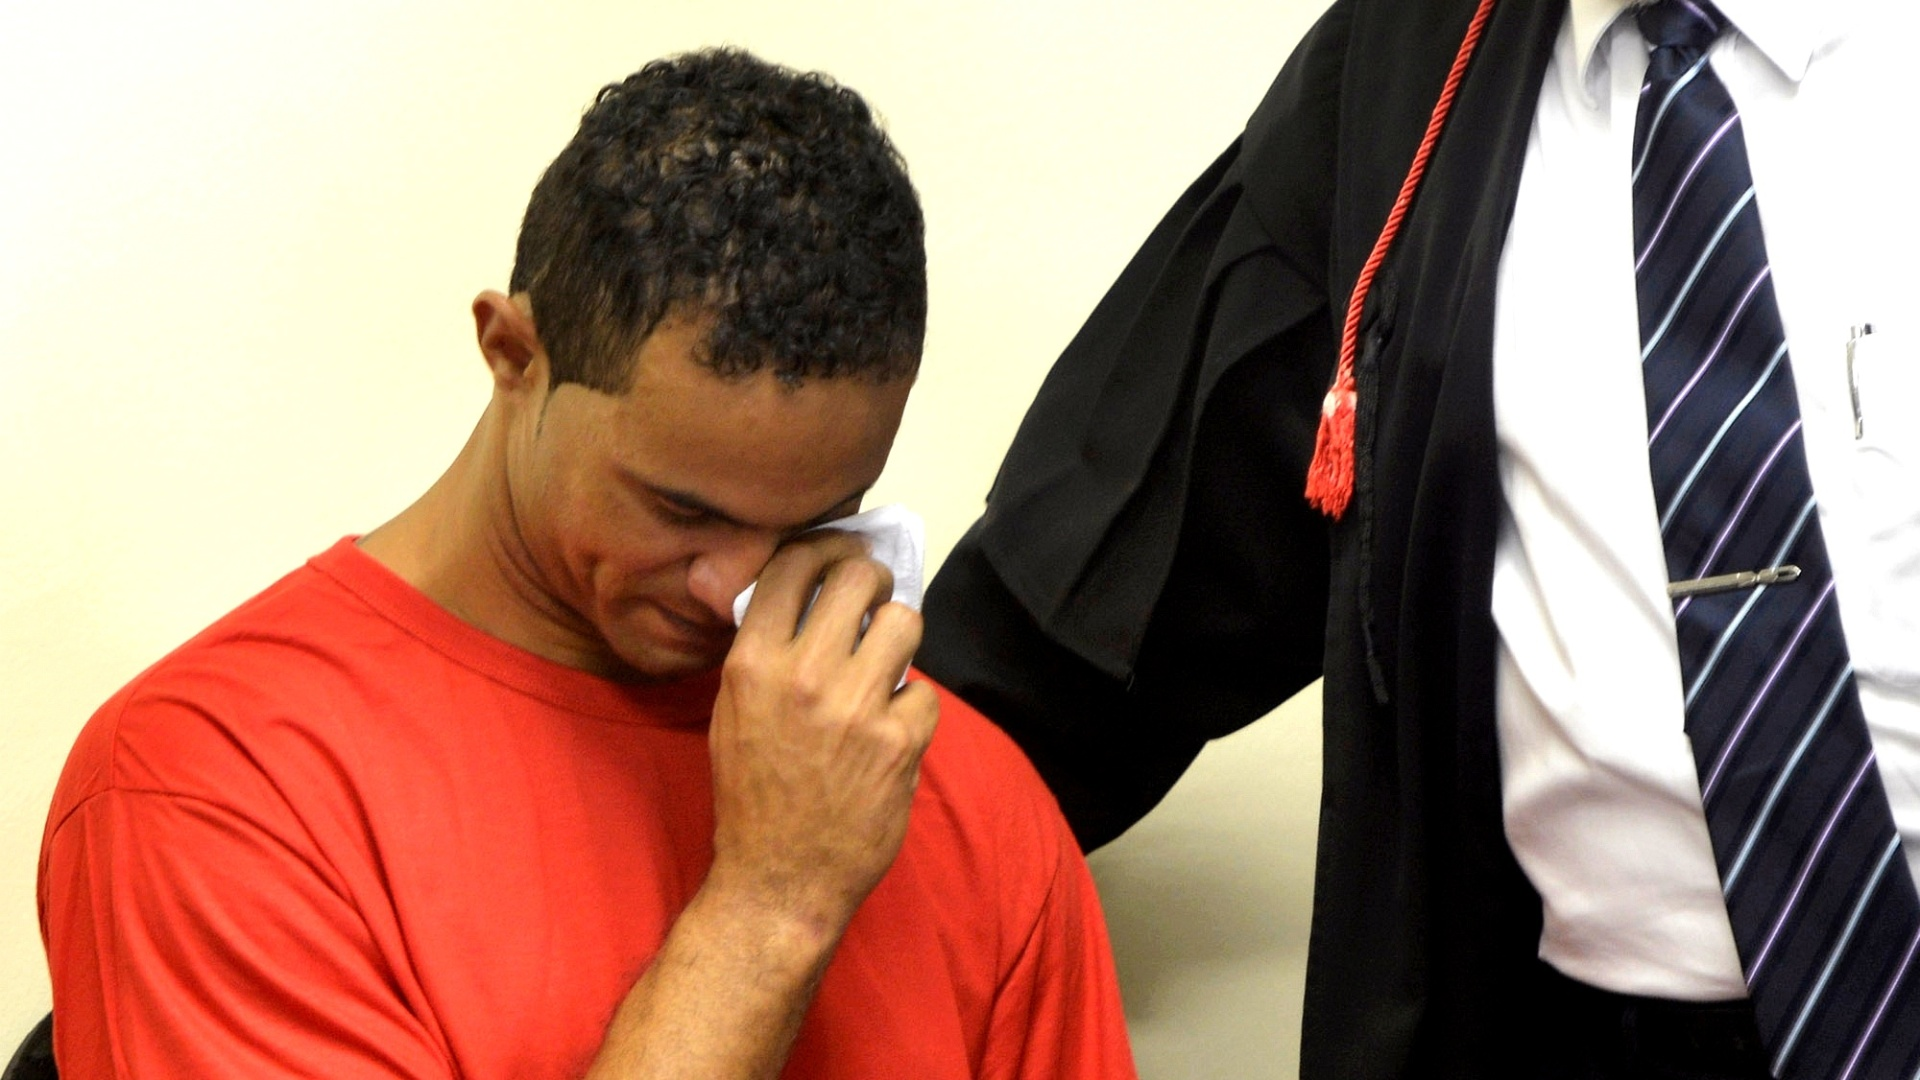 4.mar.2013 - O goleiro Bruno Fernandes chora após folhear um exemplar da